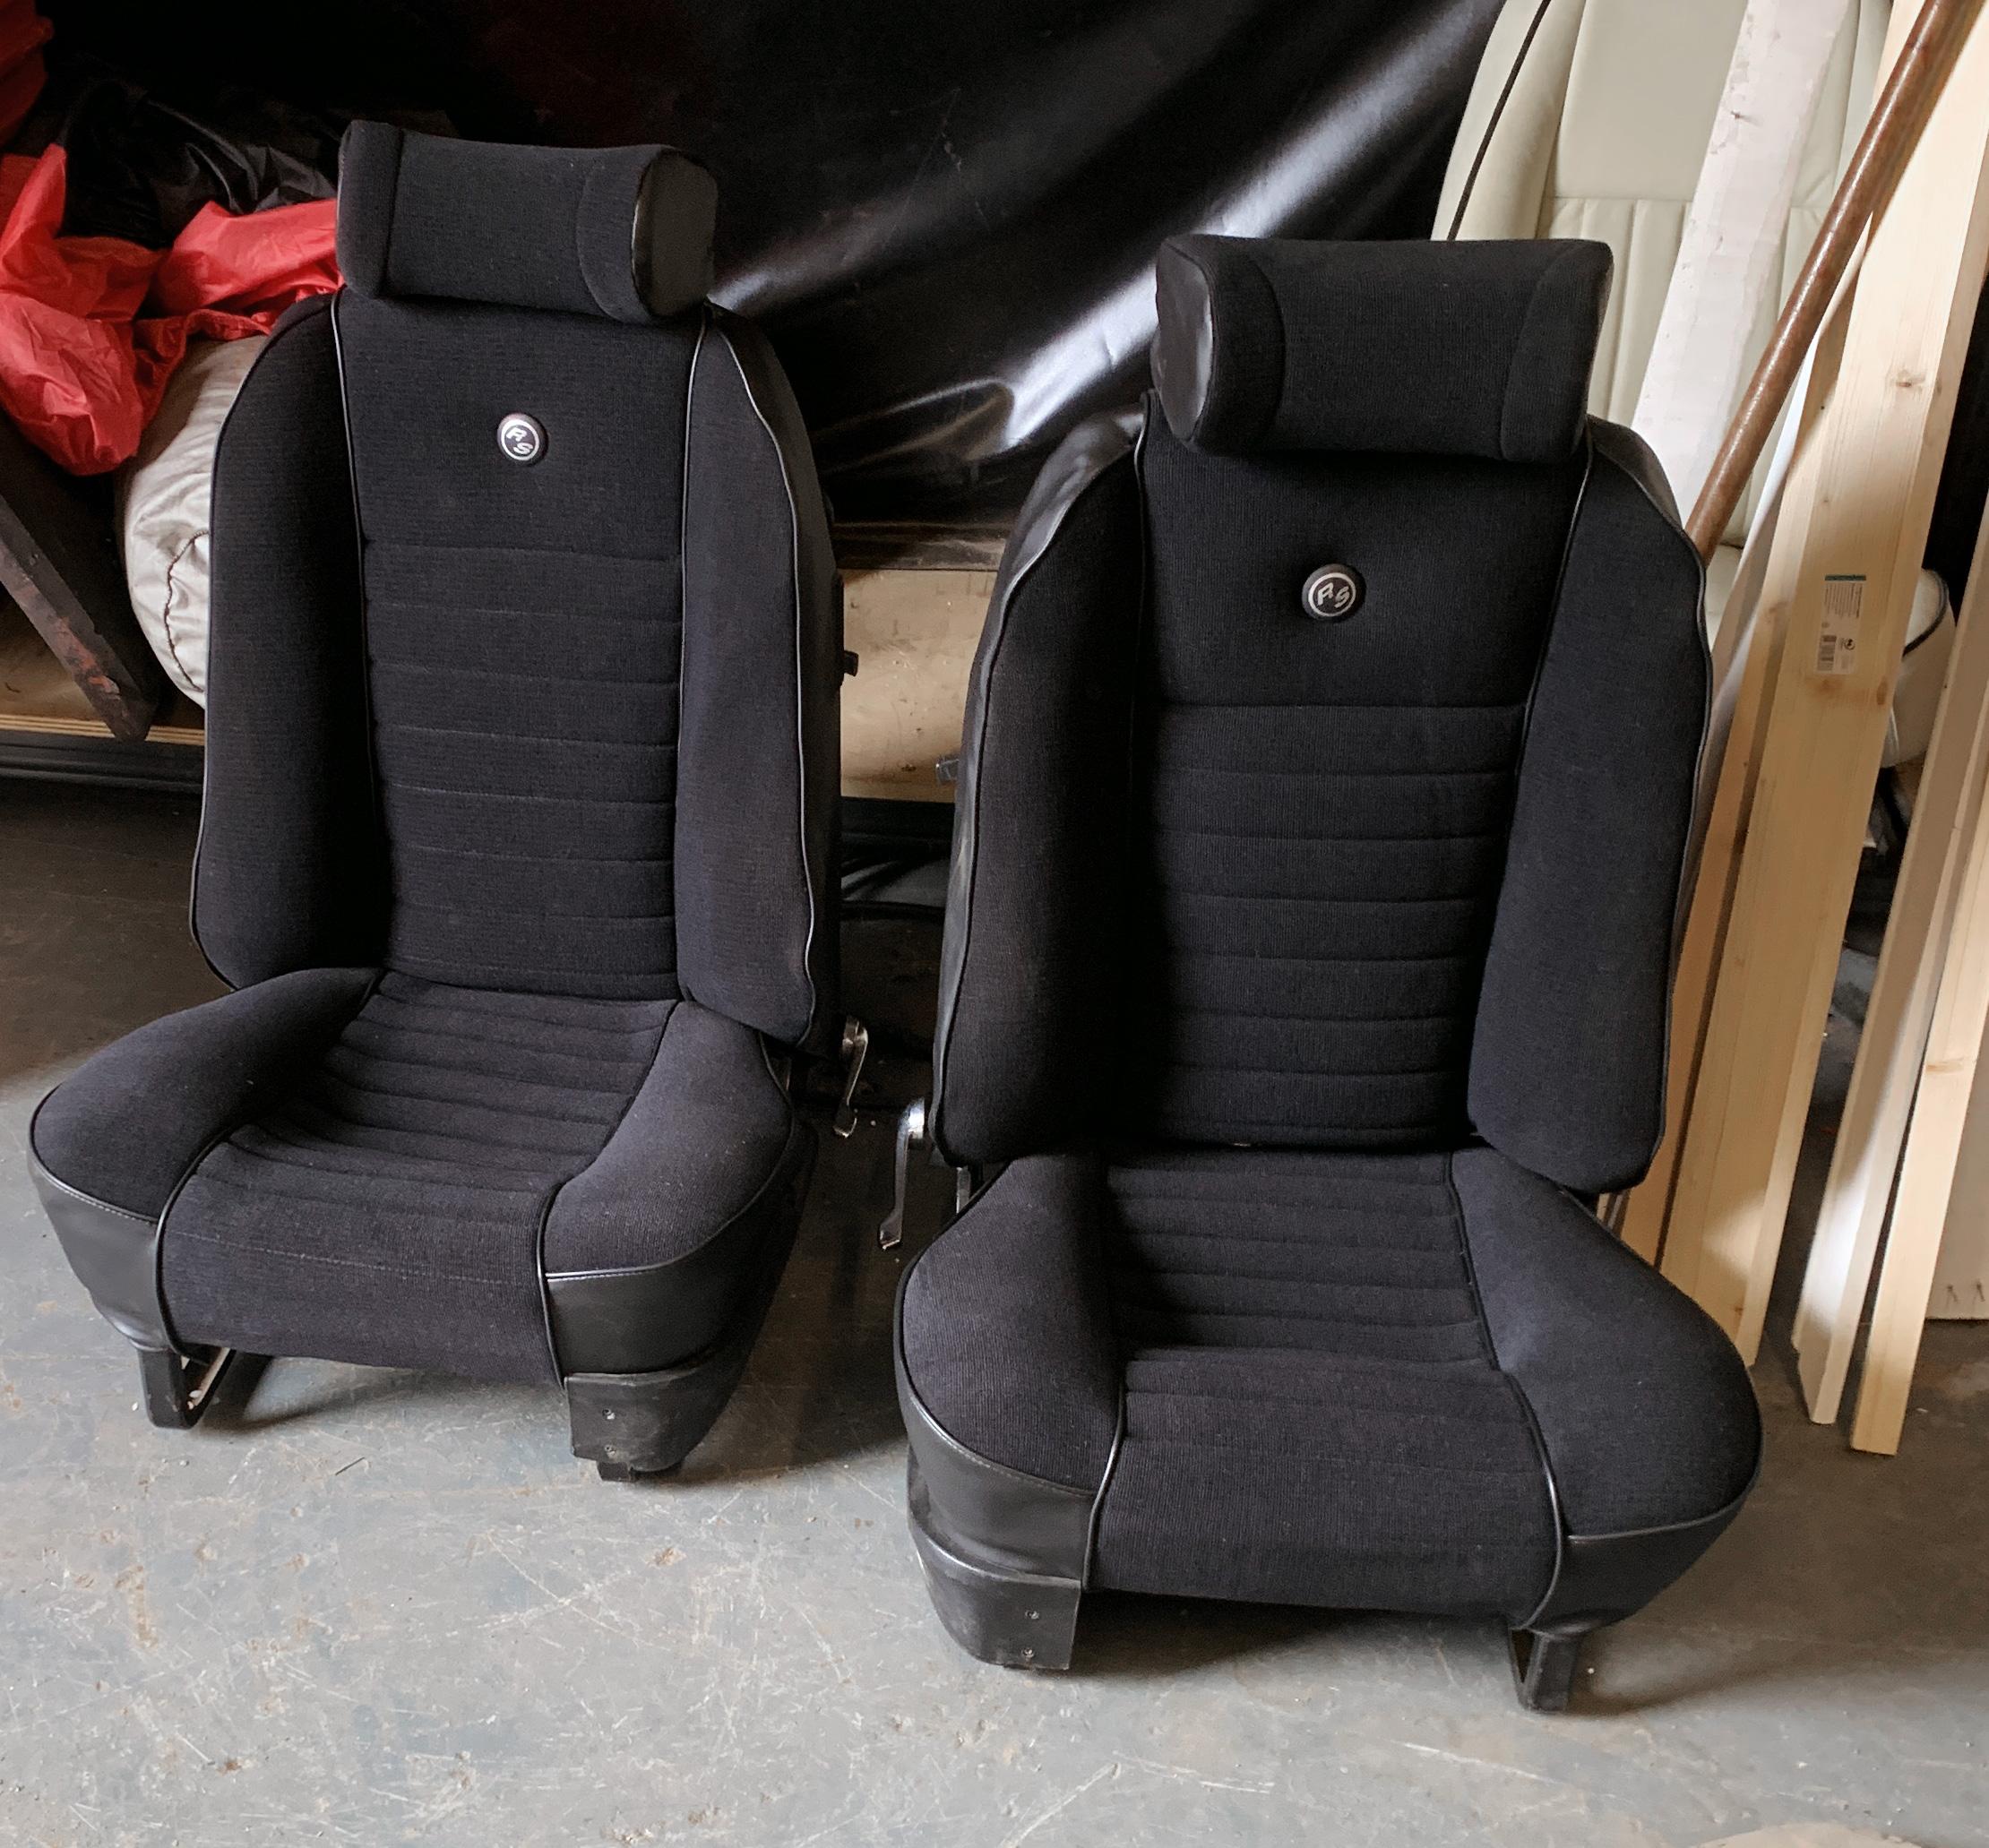 Car+seat+repair+and+repadding